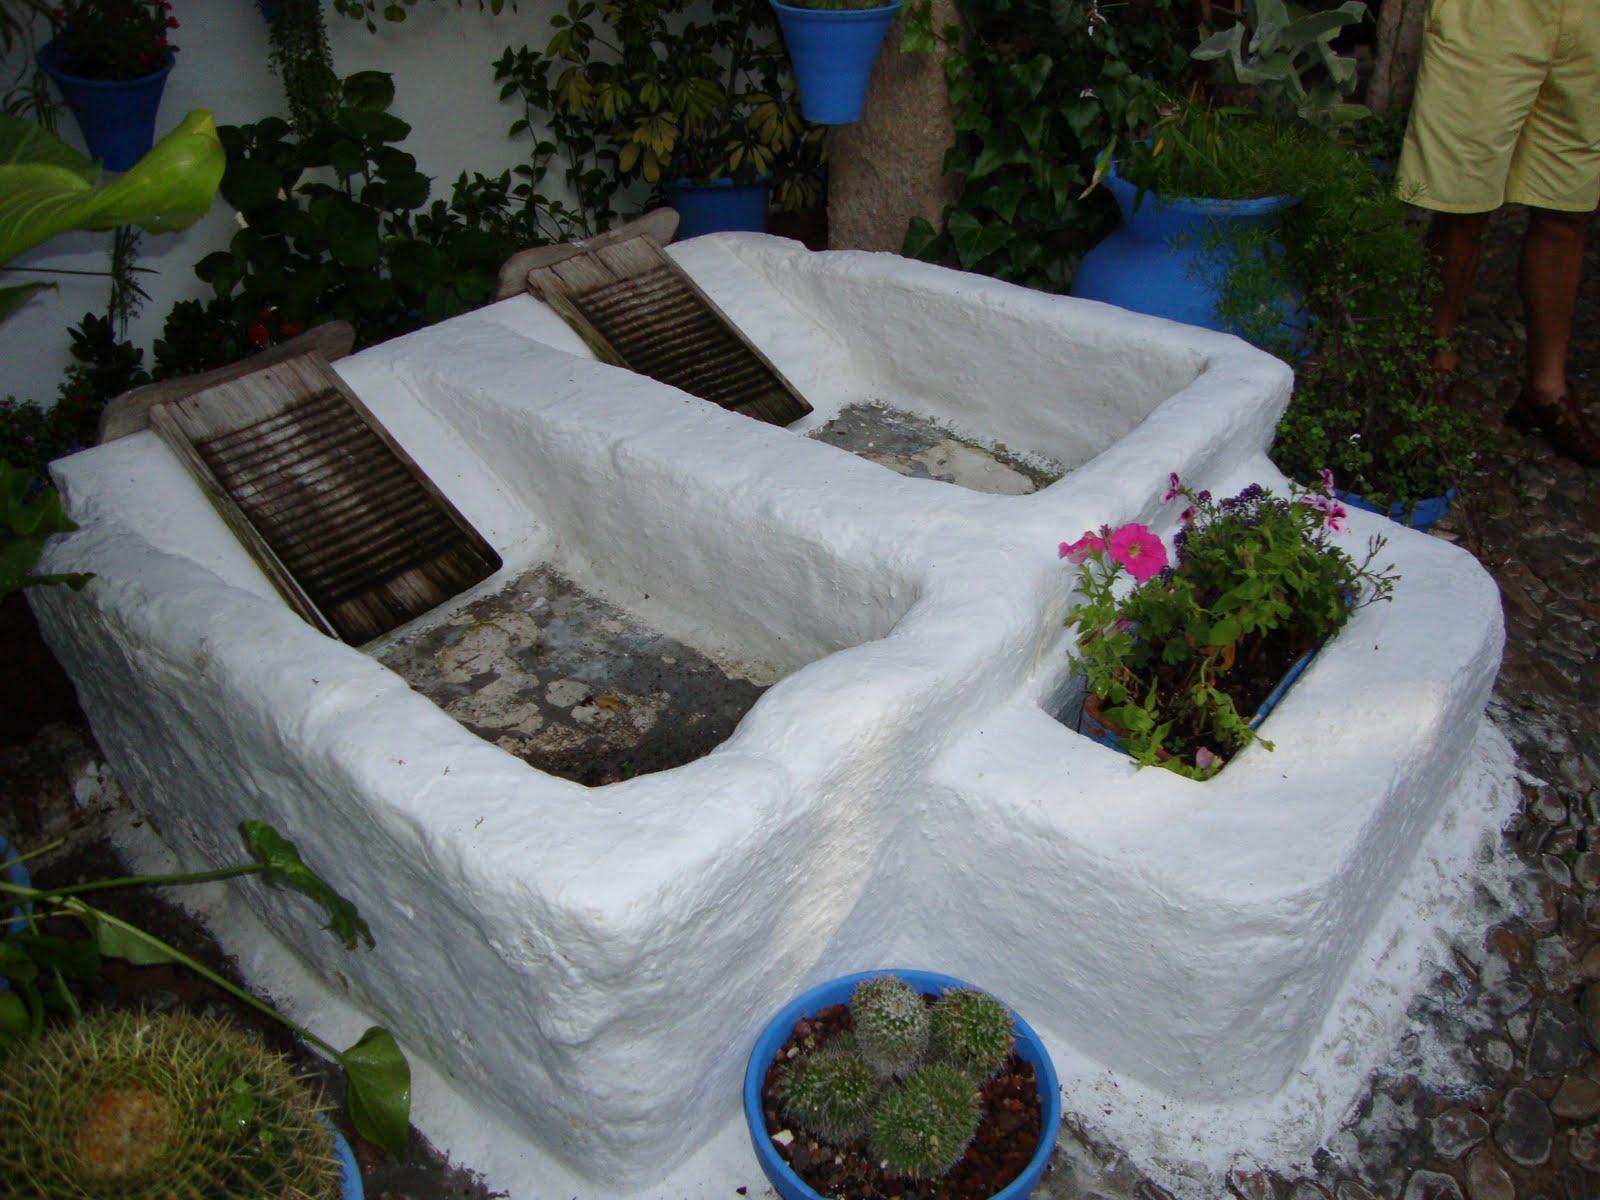 Un pedacito de m visita a los patios cordobeses for Patio con lavadero